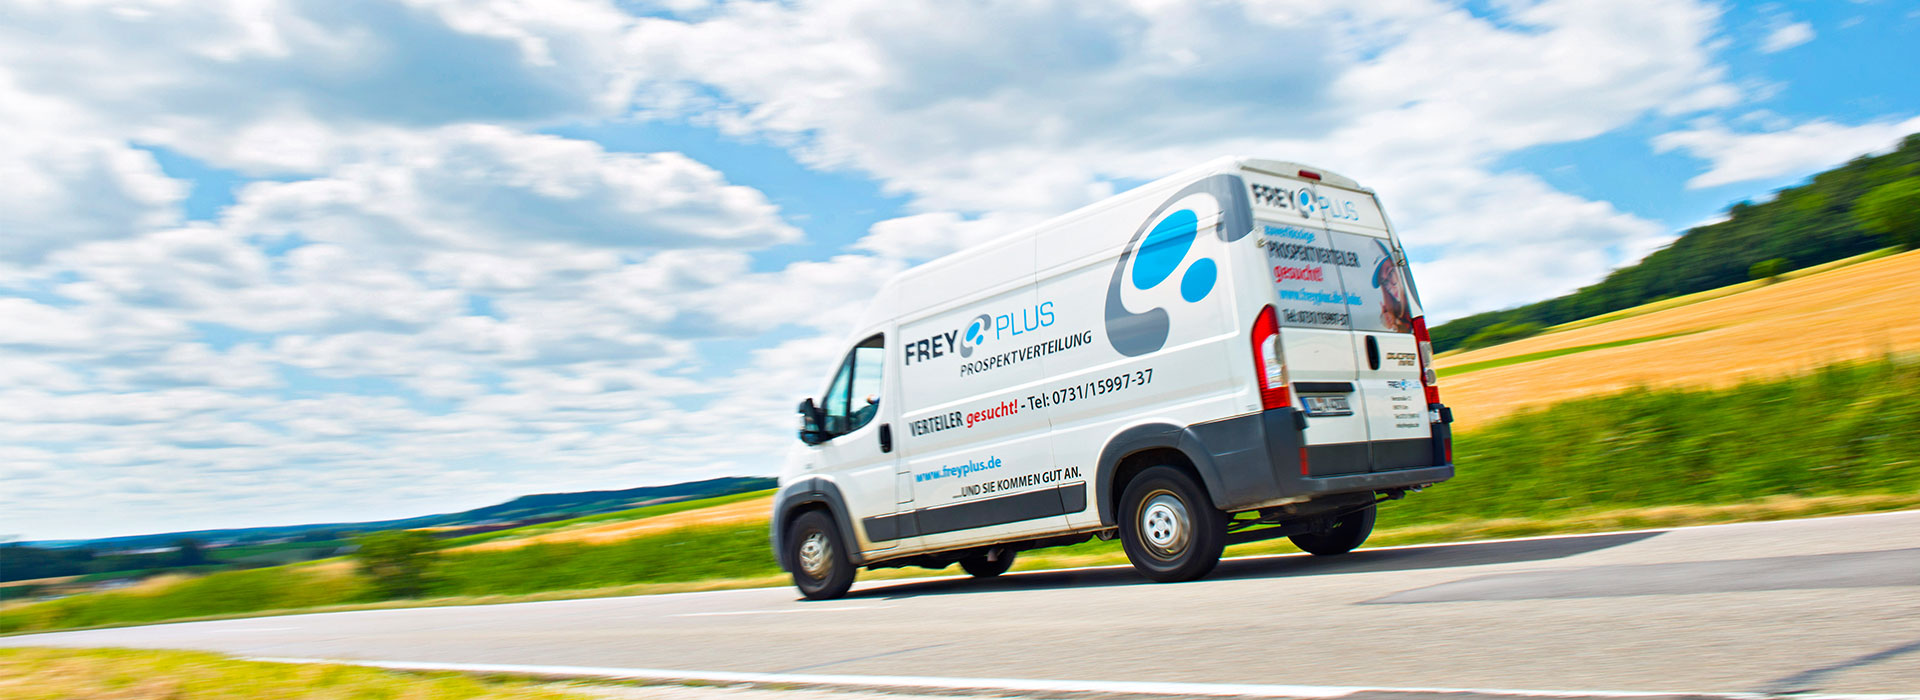 Freyplus - Ihre Zustellorganisation übernimmt für Sie vom Auftragsmanagement über Drucklogistik die gesamte Planung der Prospektzustellung.